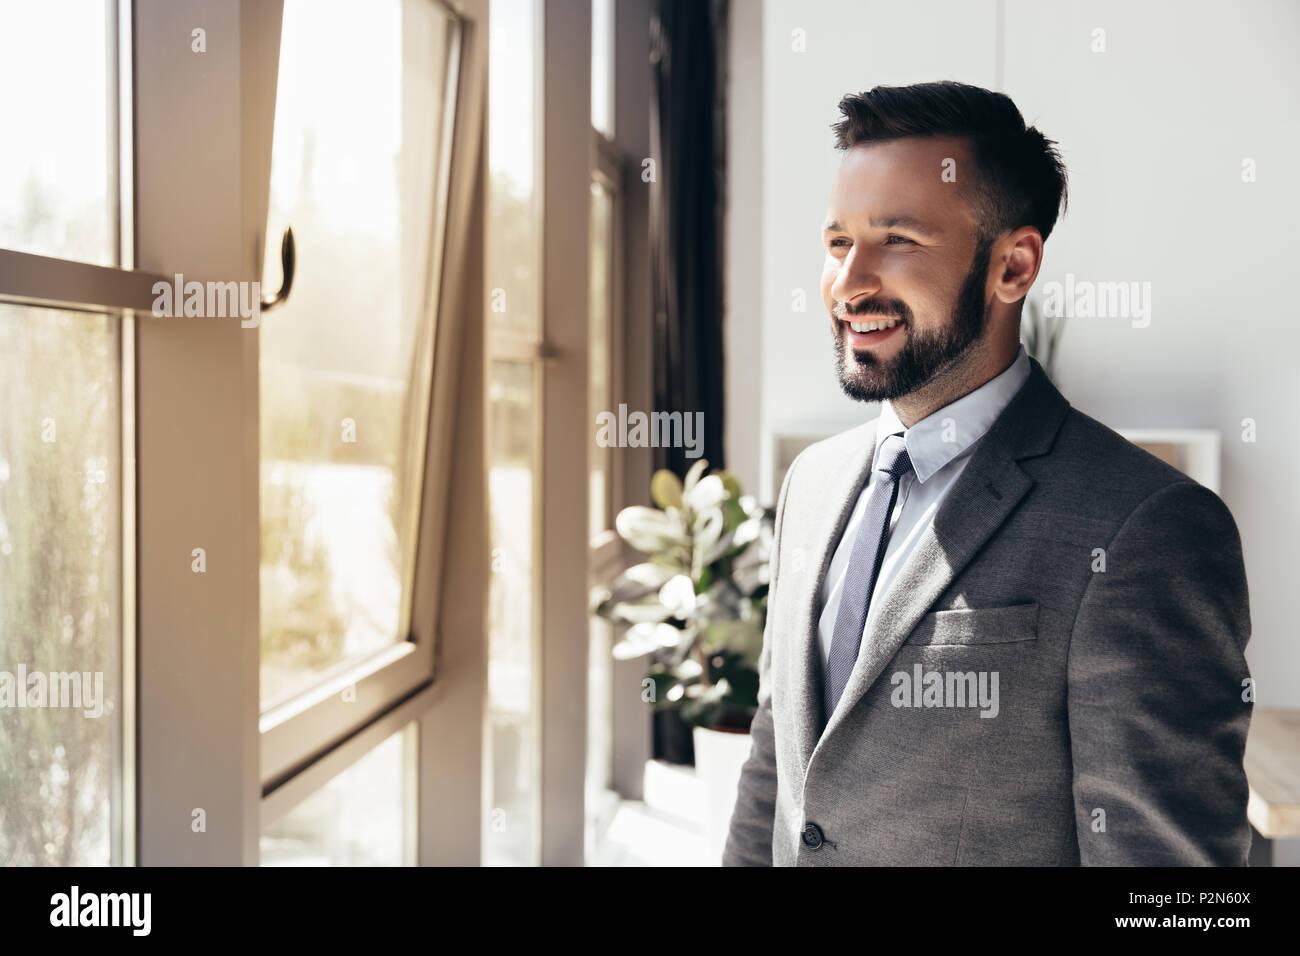 Ritratto di imprenditore sorridente in abbigliamento formale che guarda lontano in un ufficio moderno Immagini Stock